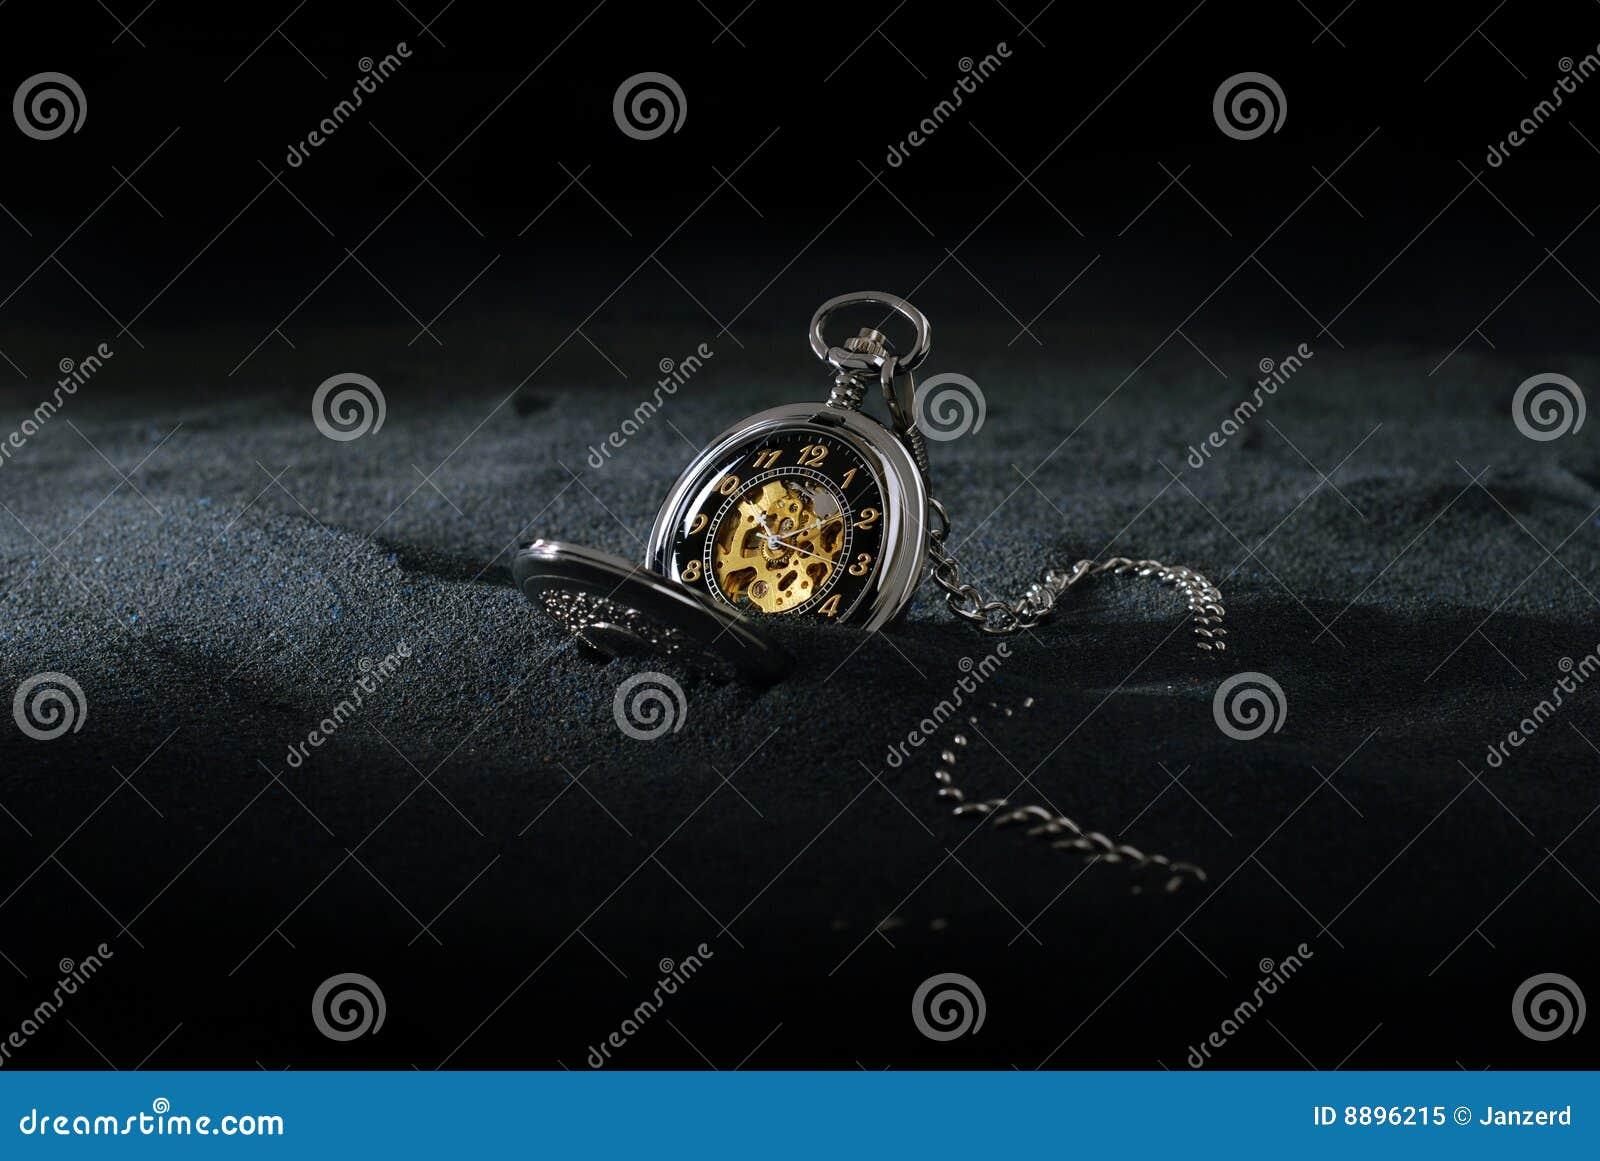 Taschen-Uhr im Sand